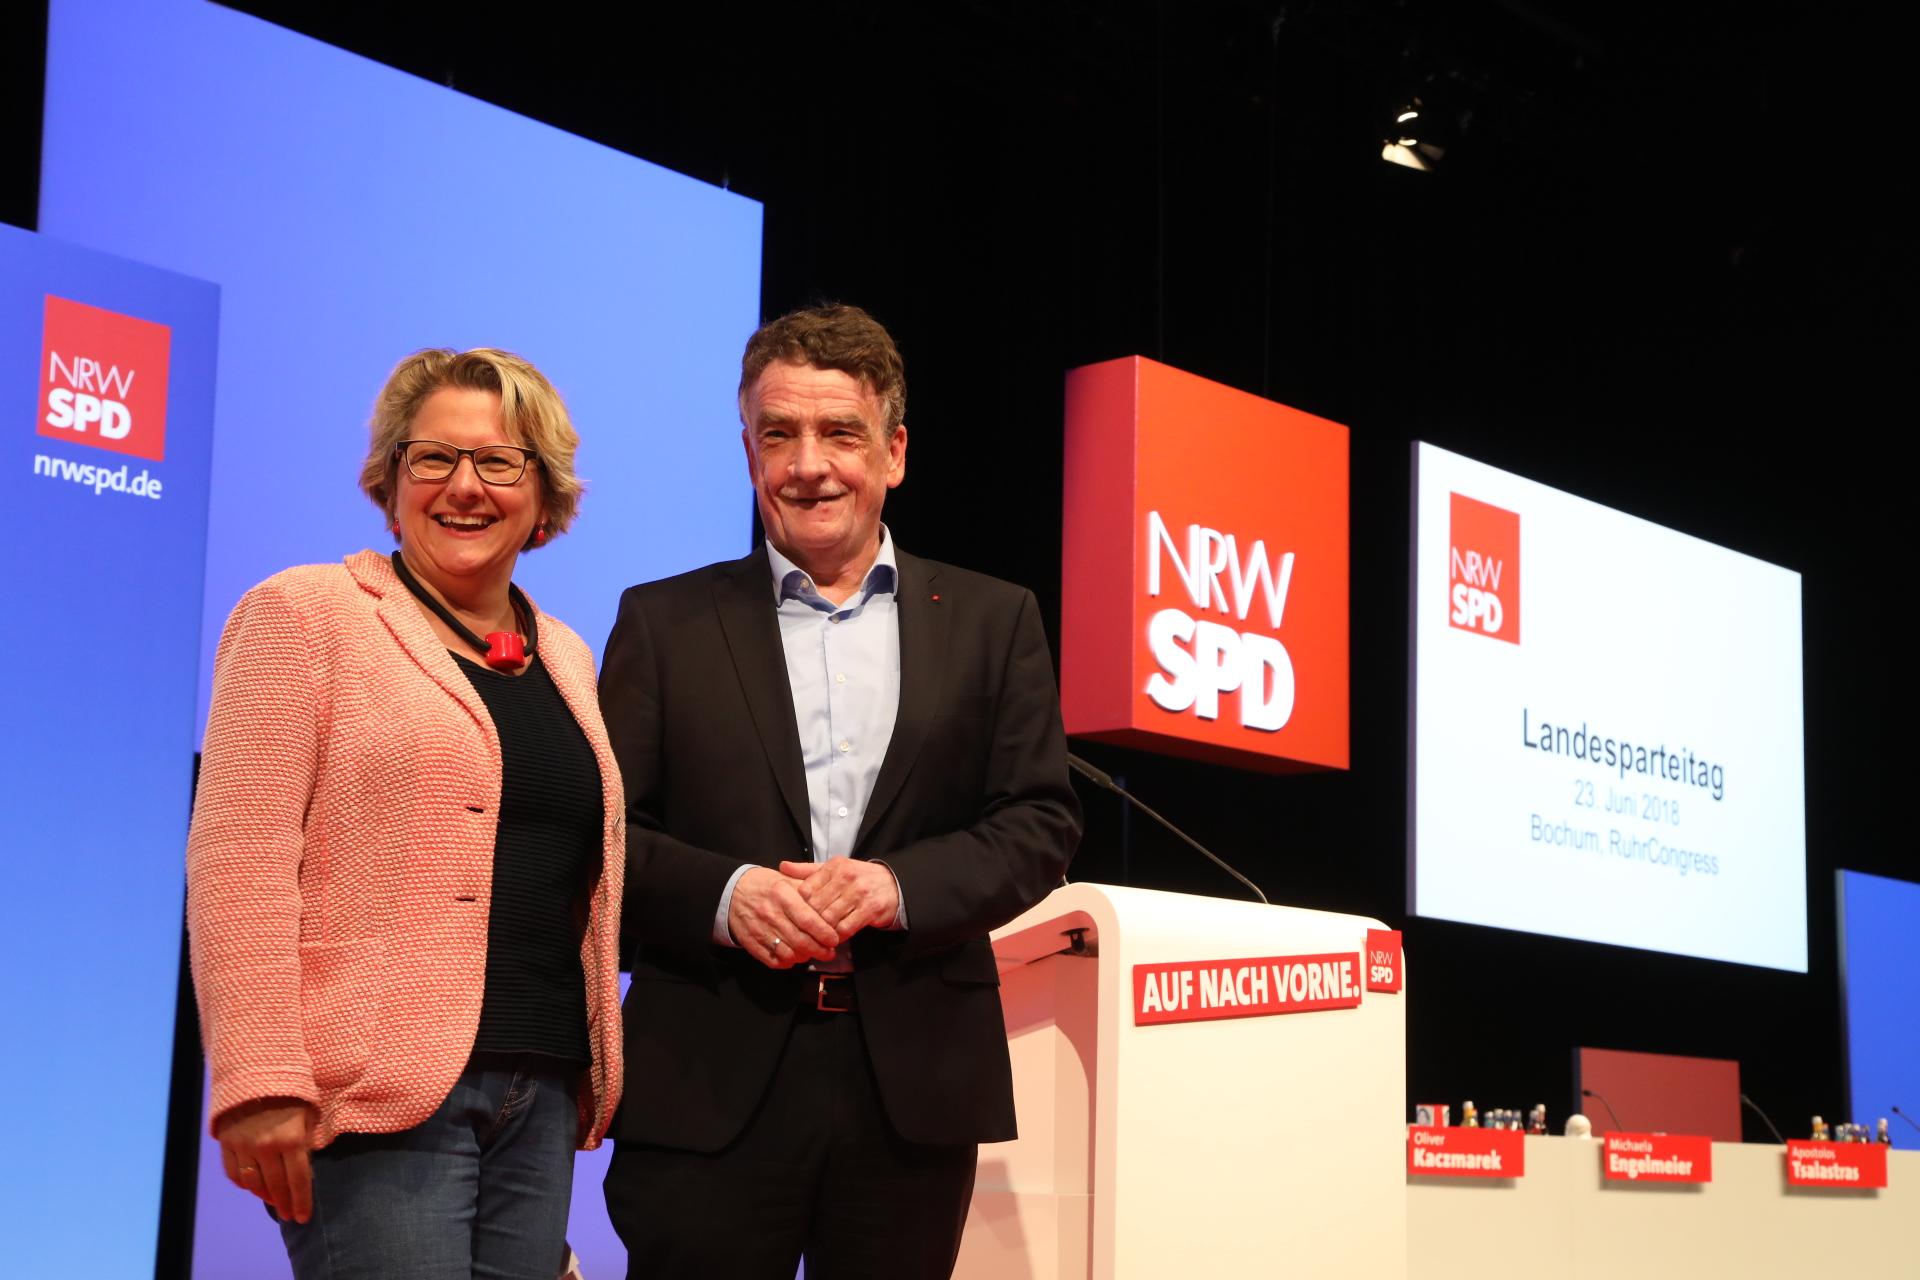 Svenja Schulze auf der Bühne auf dem Landesparteitag